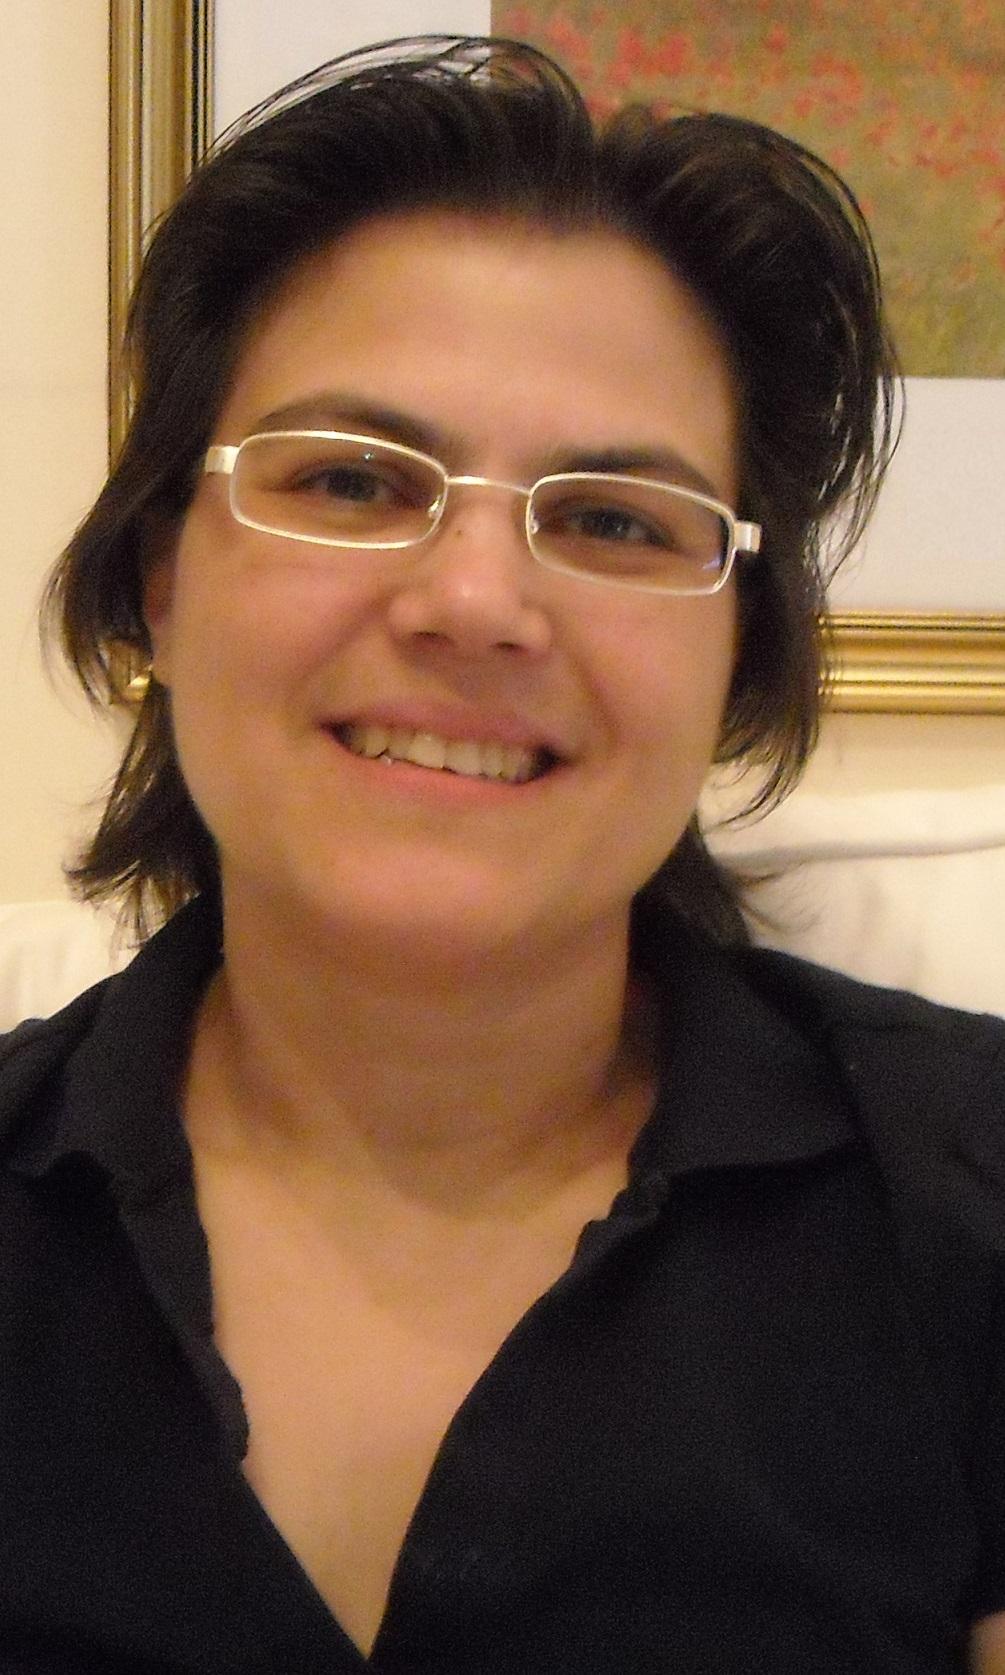 Dimitra Karamperi